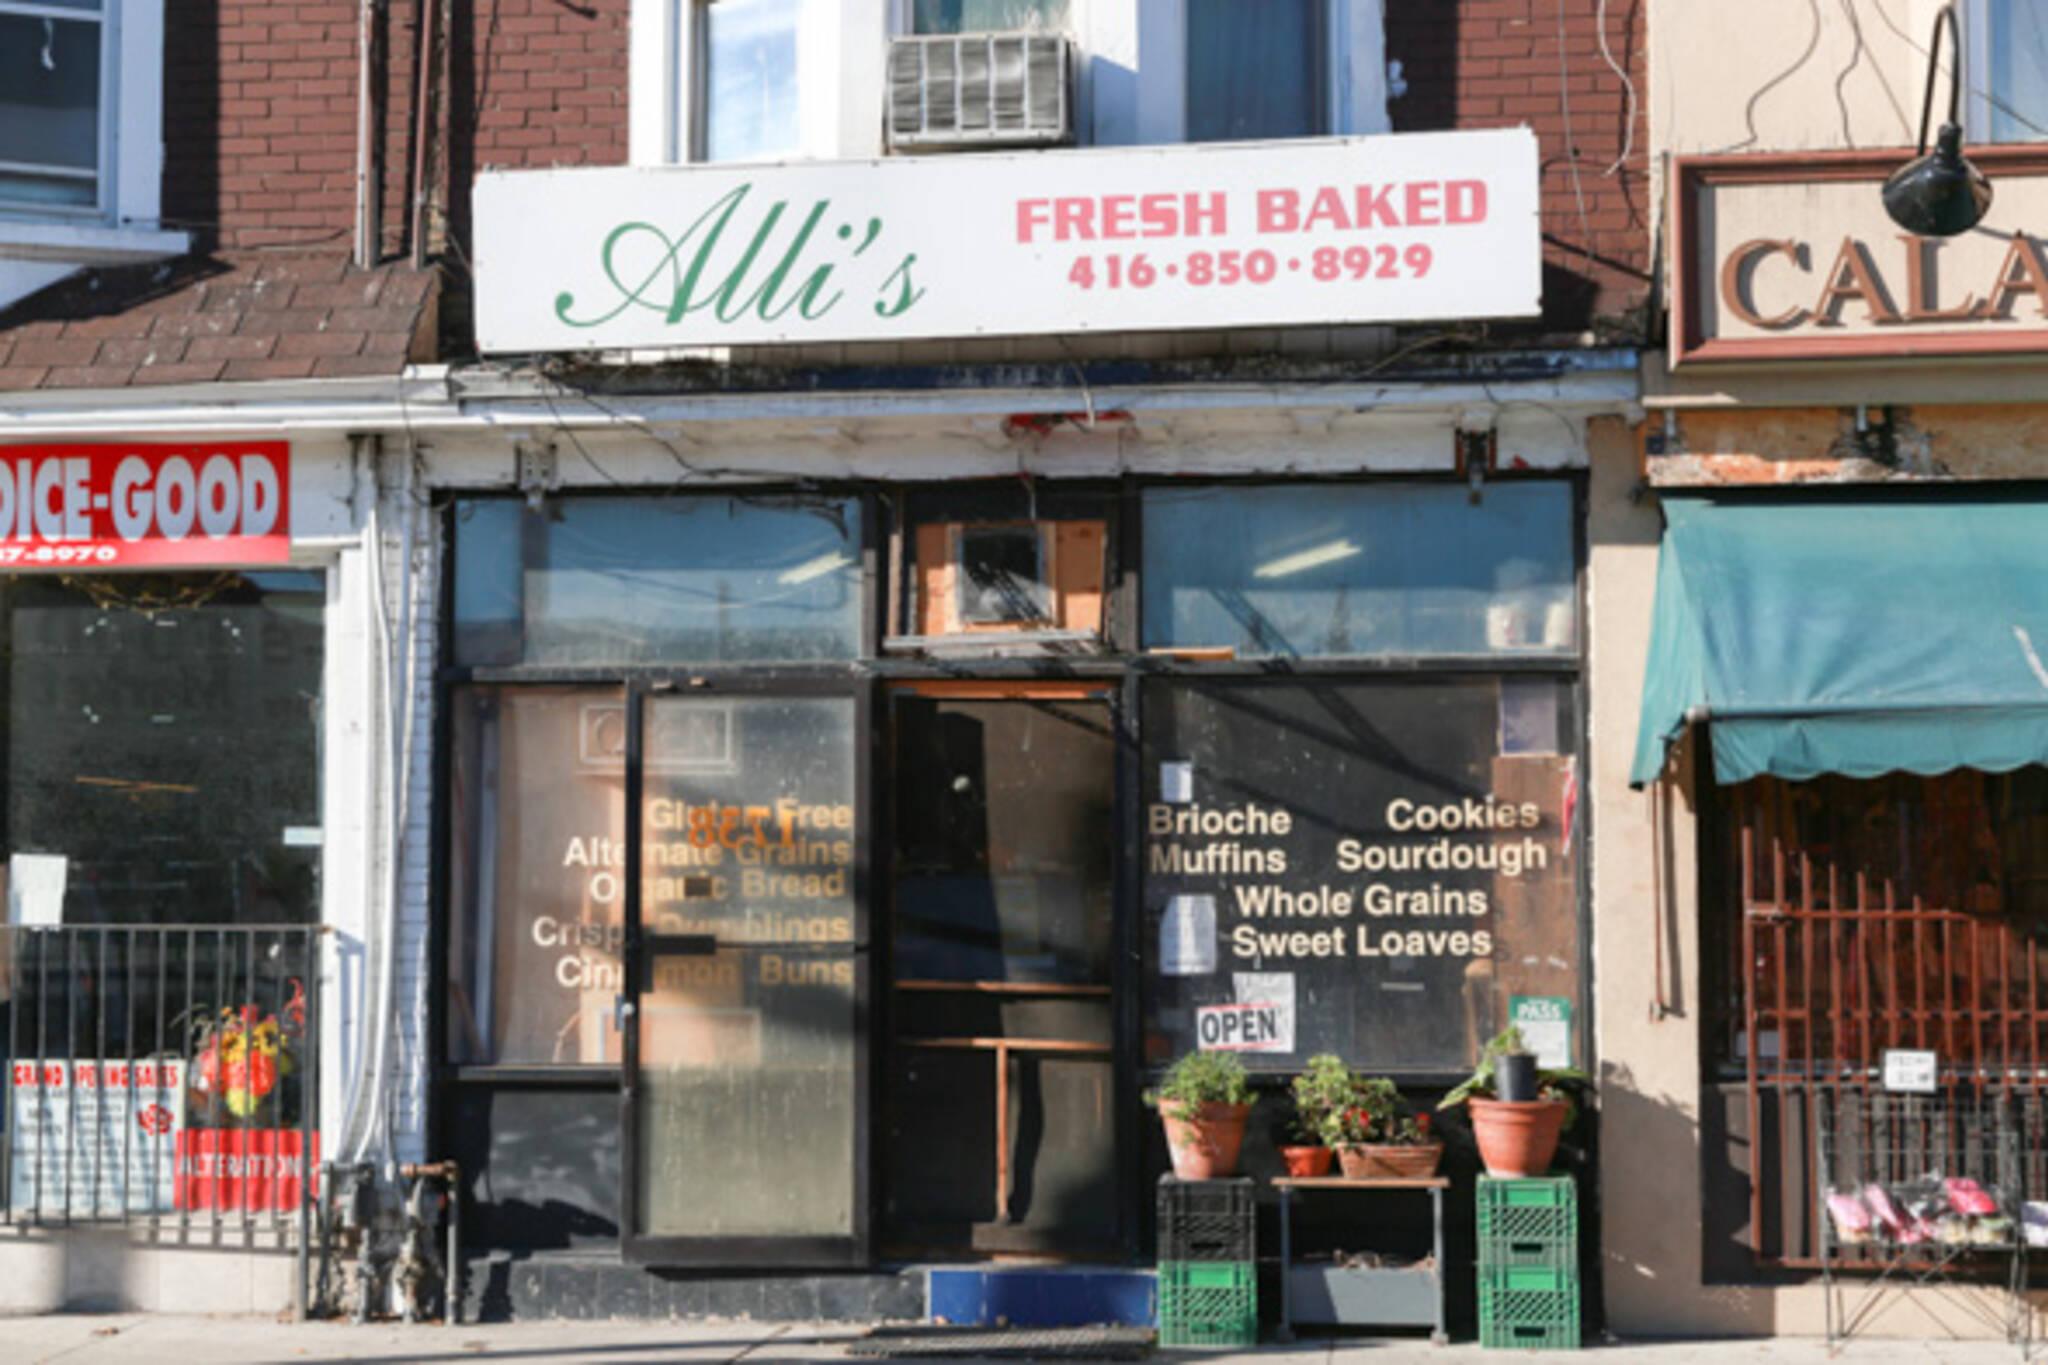 allis fresh baked